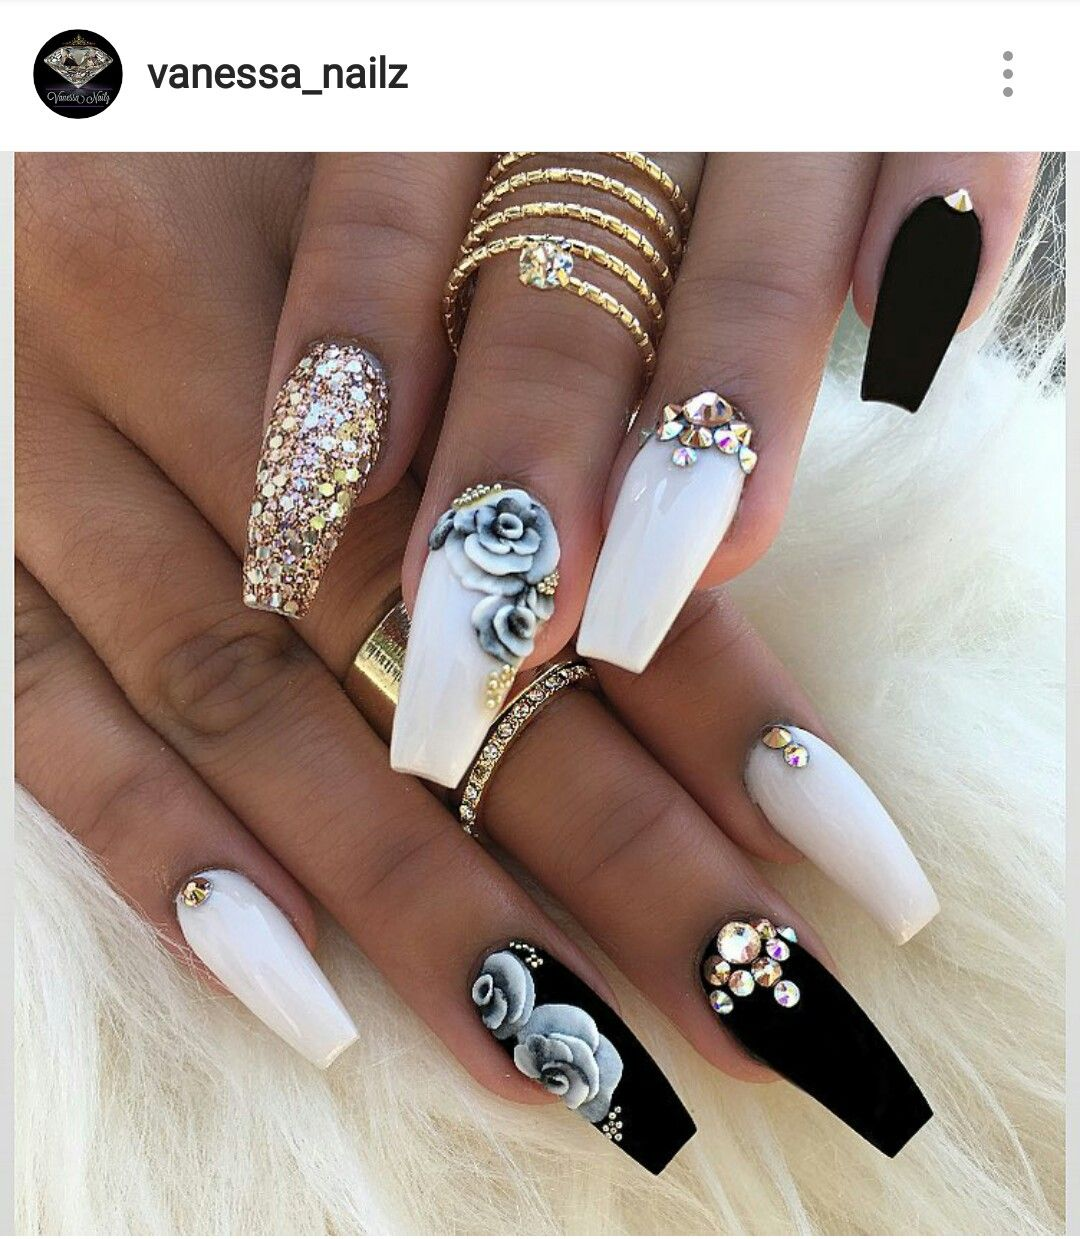 Nail Art Black White And Gold: Black, White, & Gold Nails By @vanessa_nailz On IG